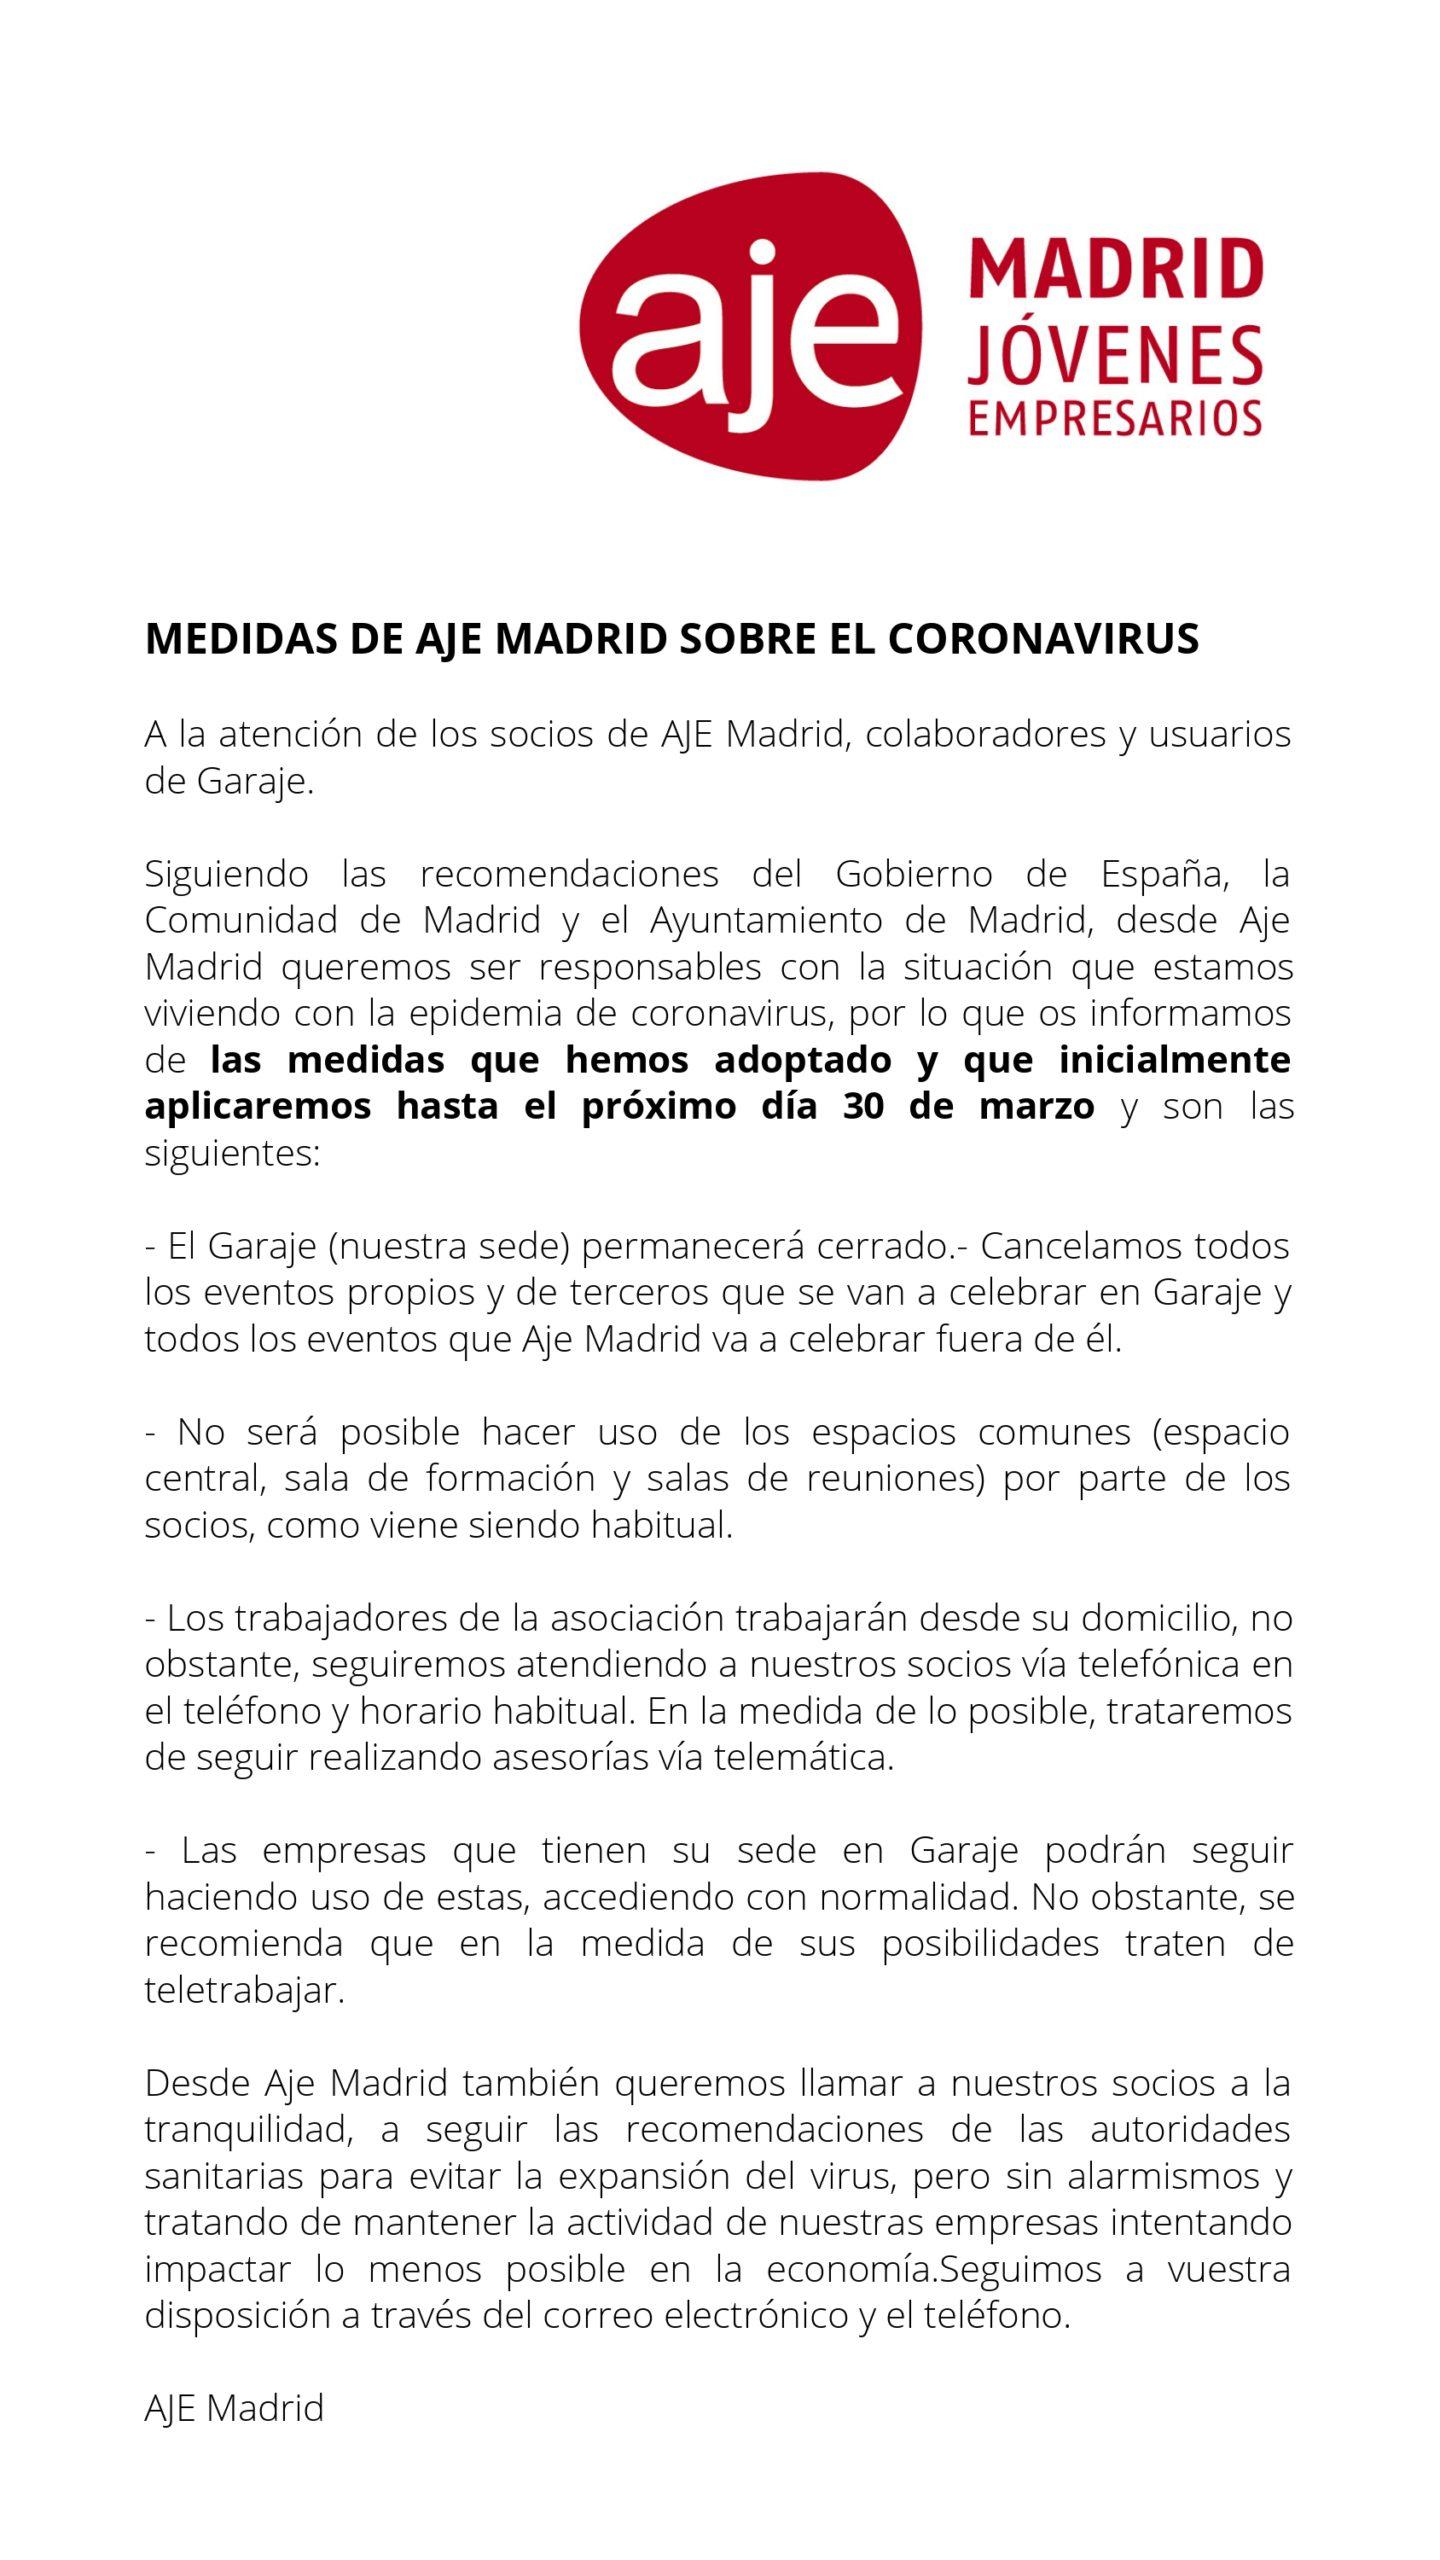 Medidas de AJE Madrid sobre el coronavirus